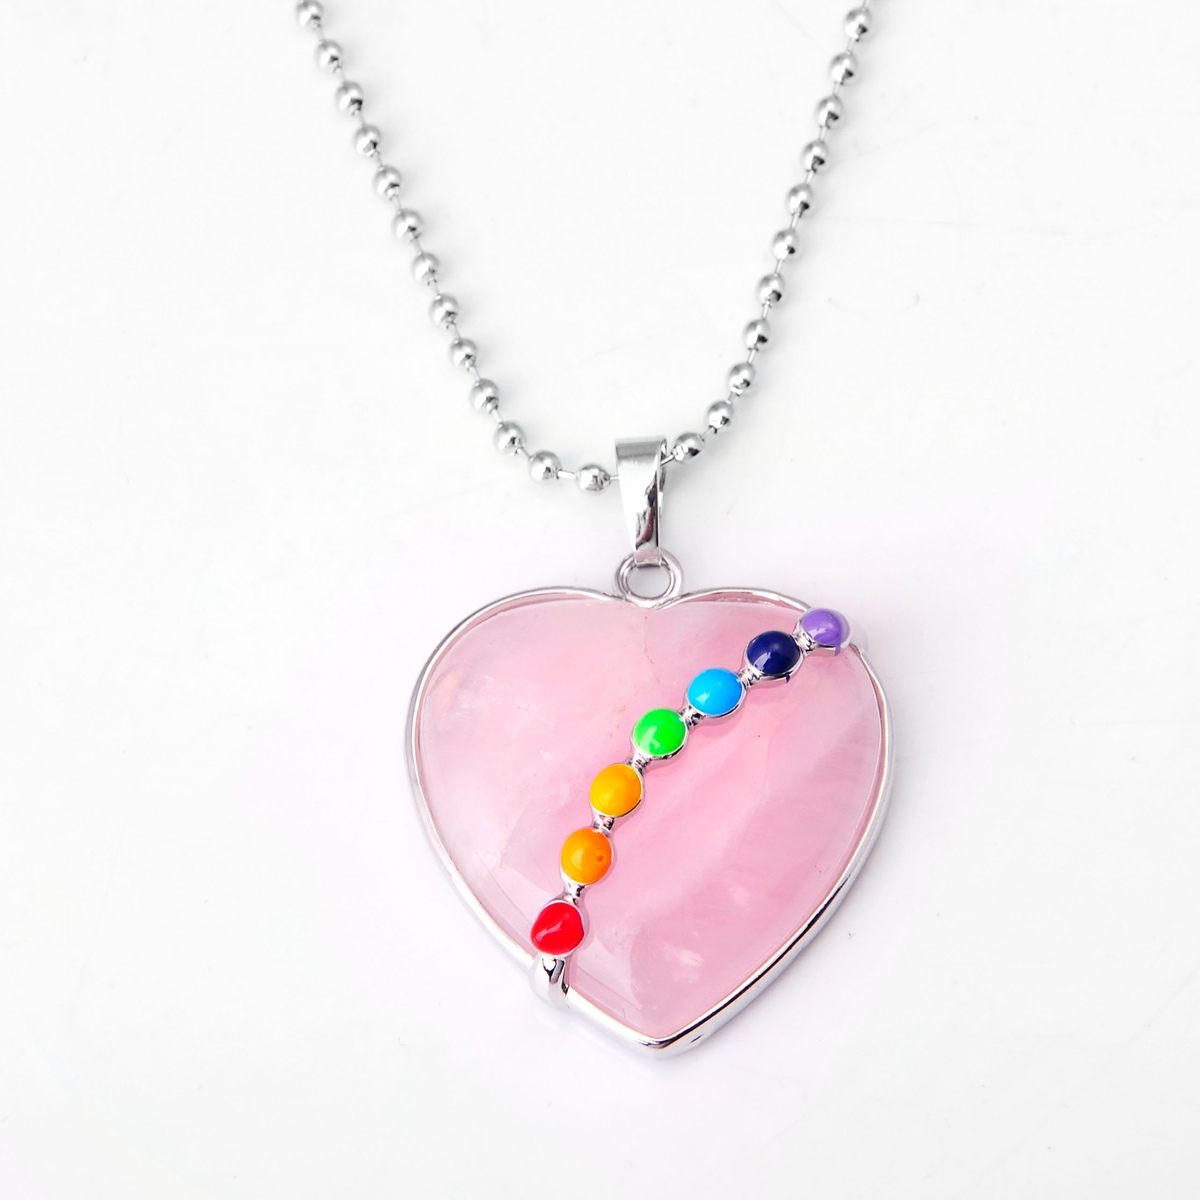 ASHMITA малахитовое сердце из кабошона с 7 чакра камень кулон ожерелье - Окраска металла: 14